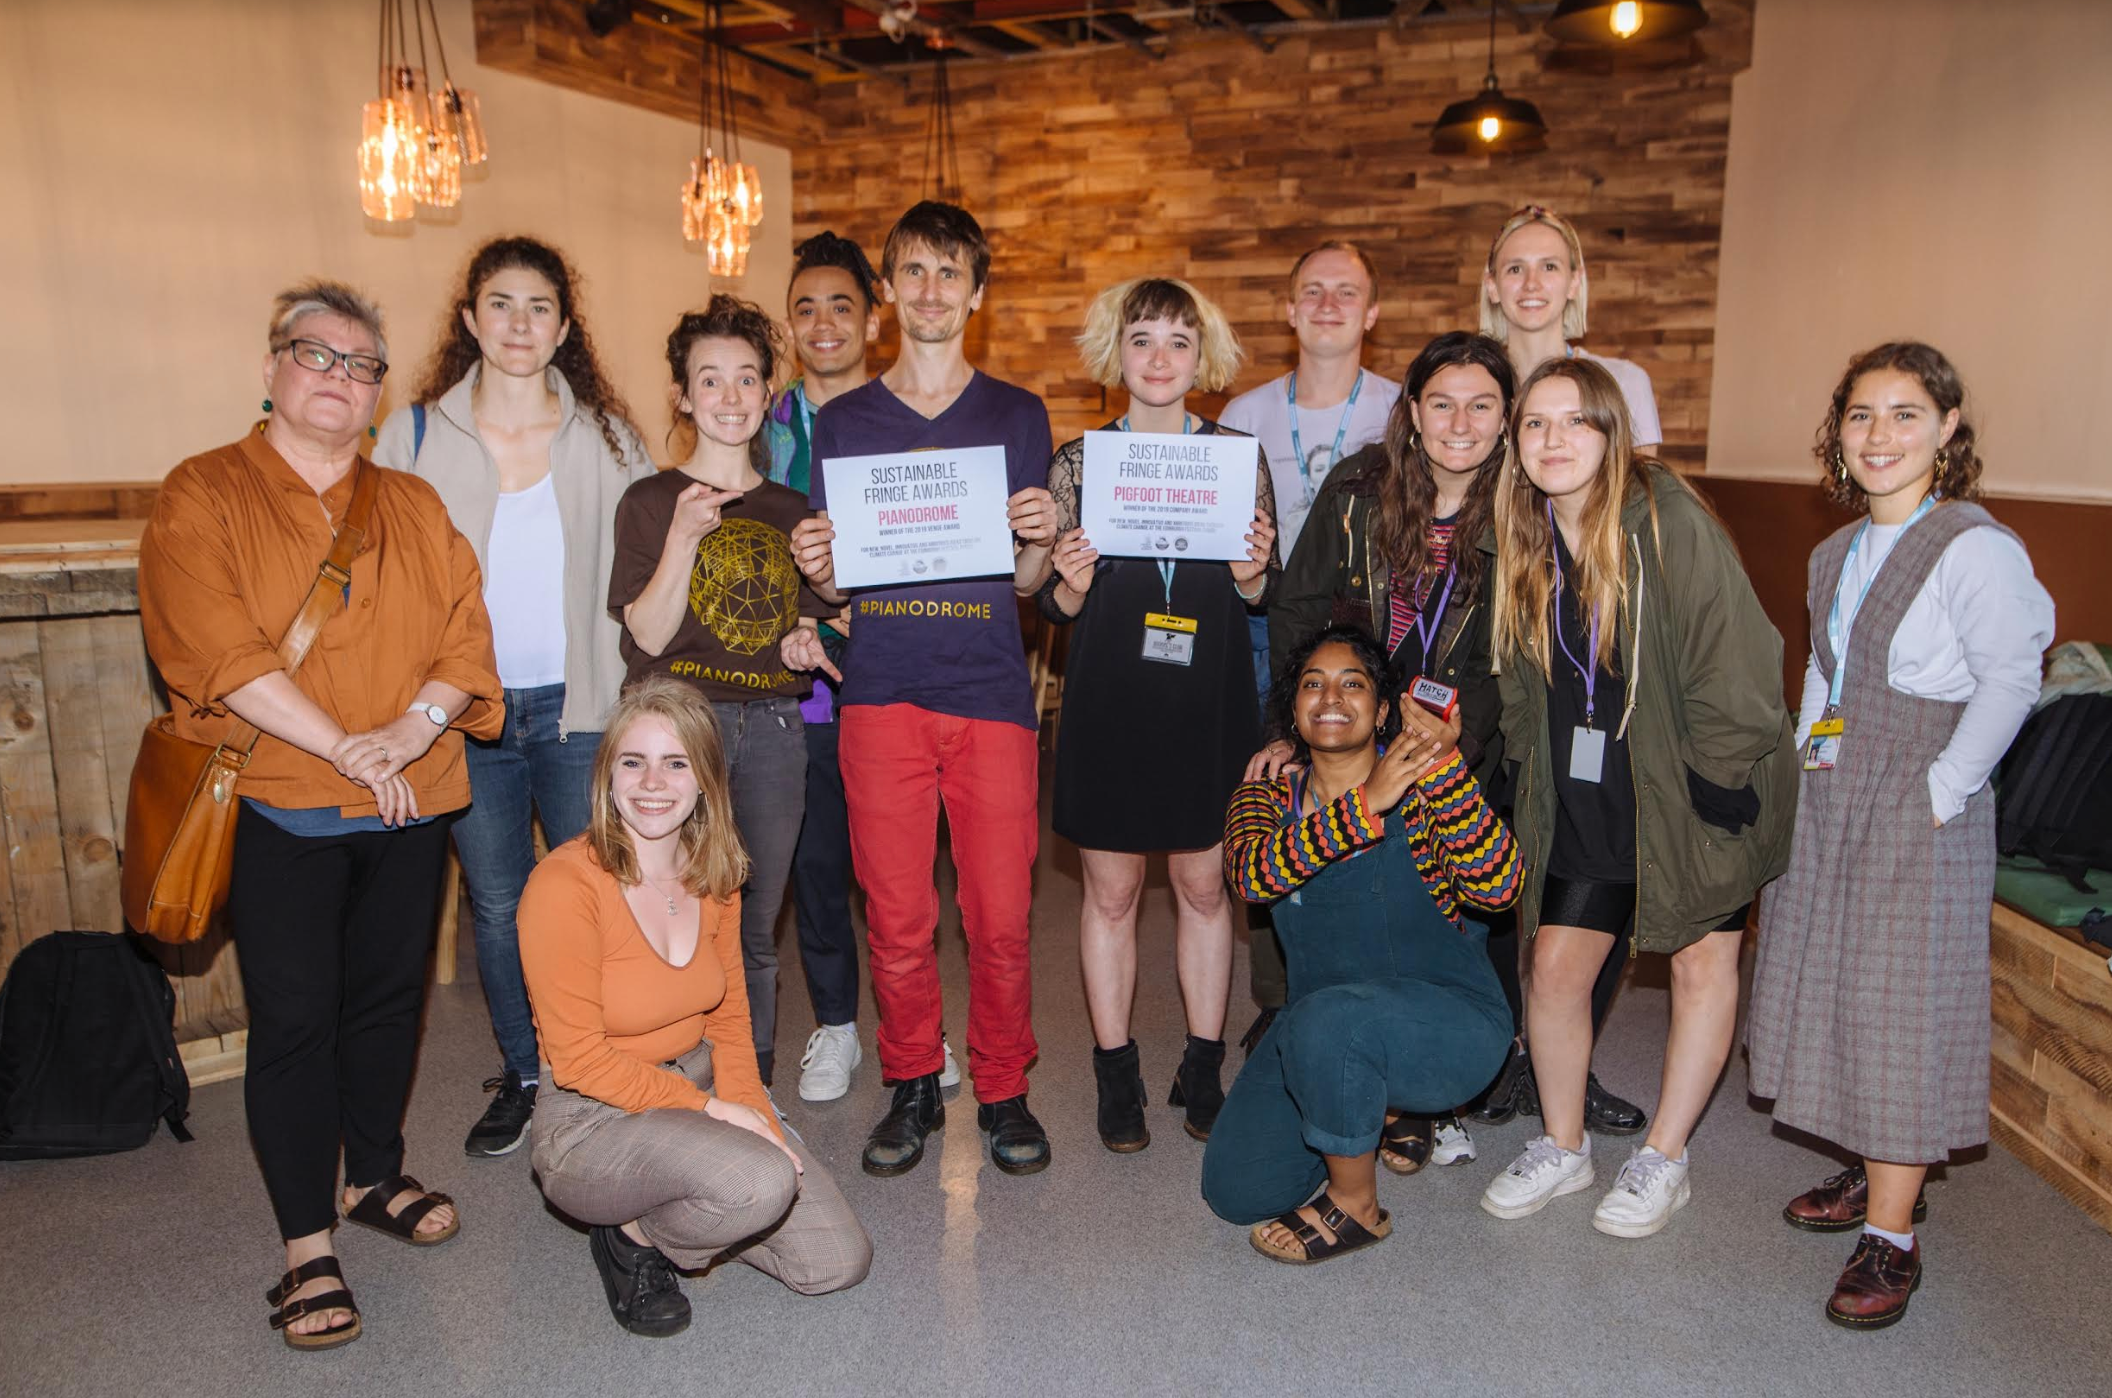 Sustainable Fringe Awards 2019